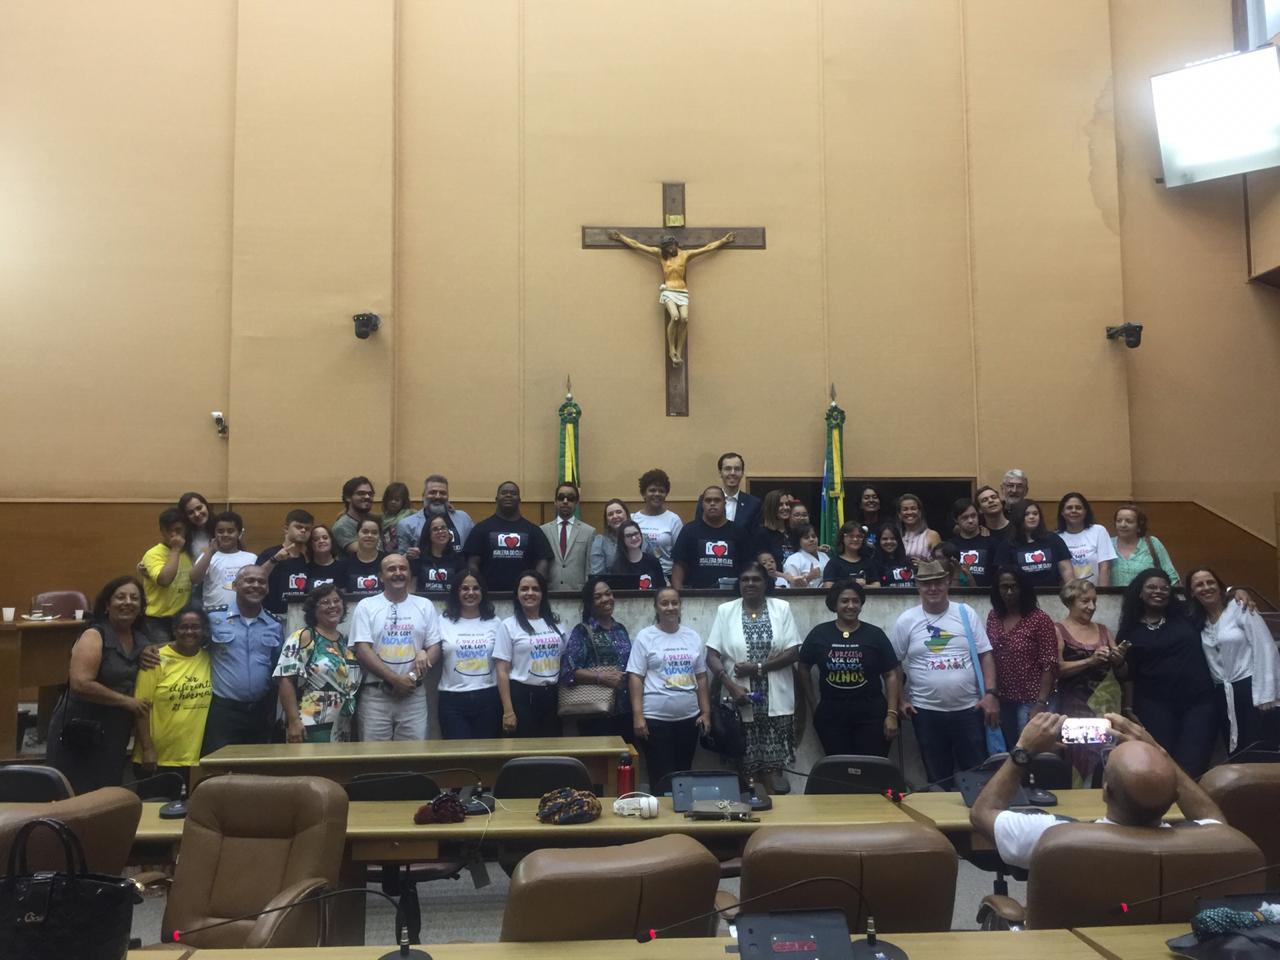 #PraTodoMundoVer Participantes da Audiência posam para foto oficial no plenário da Alese